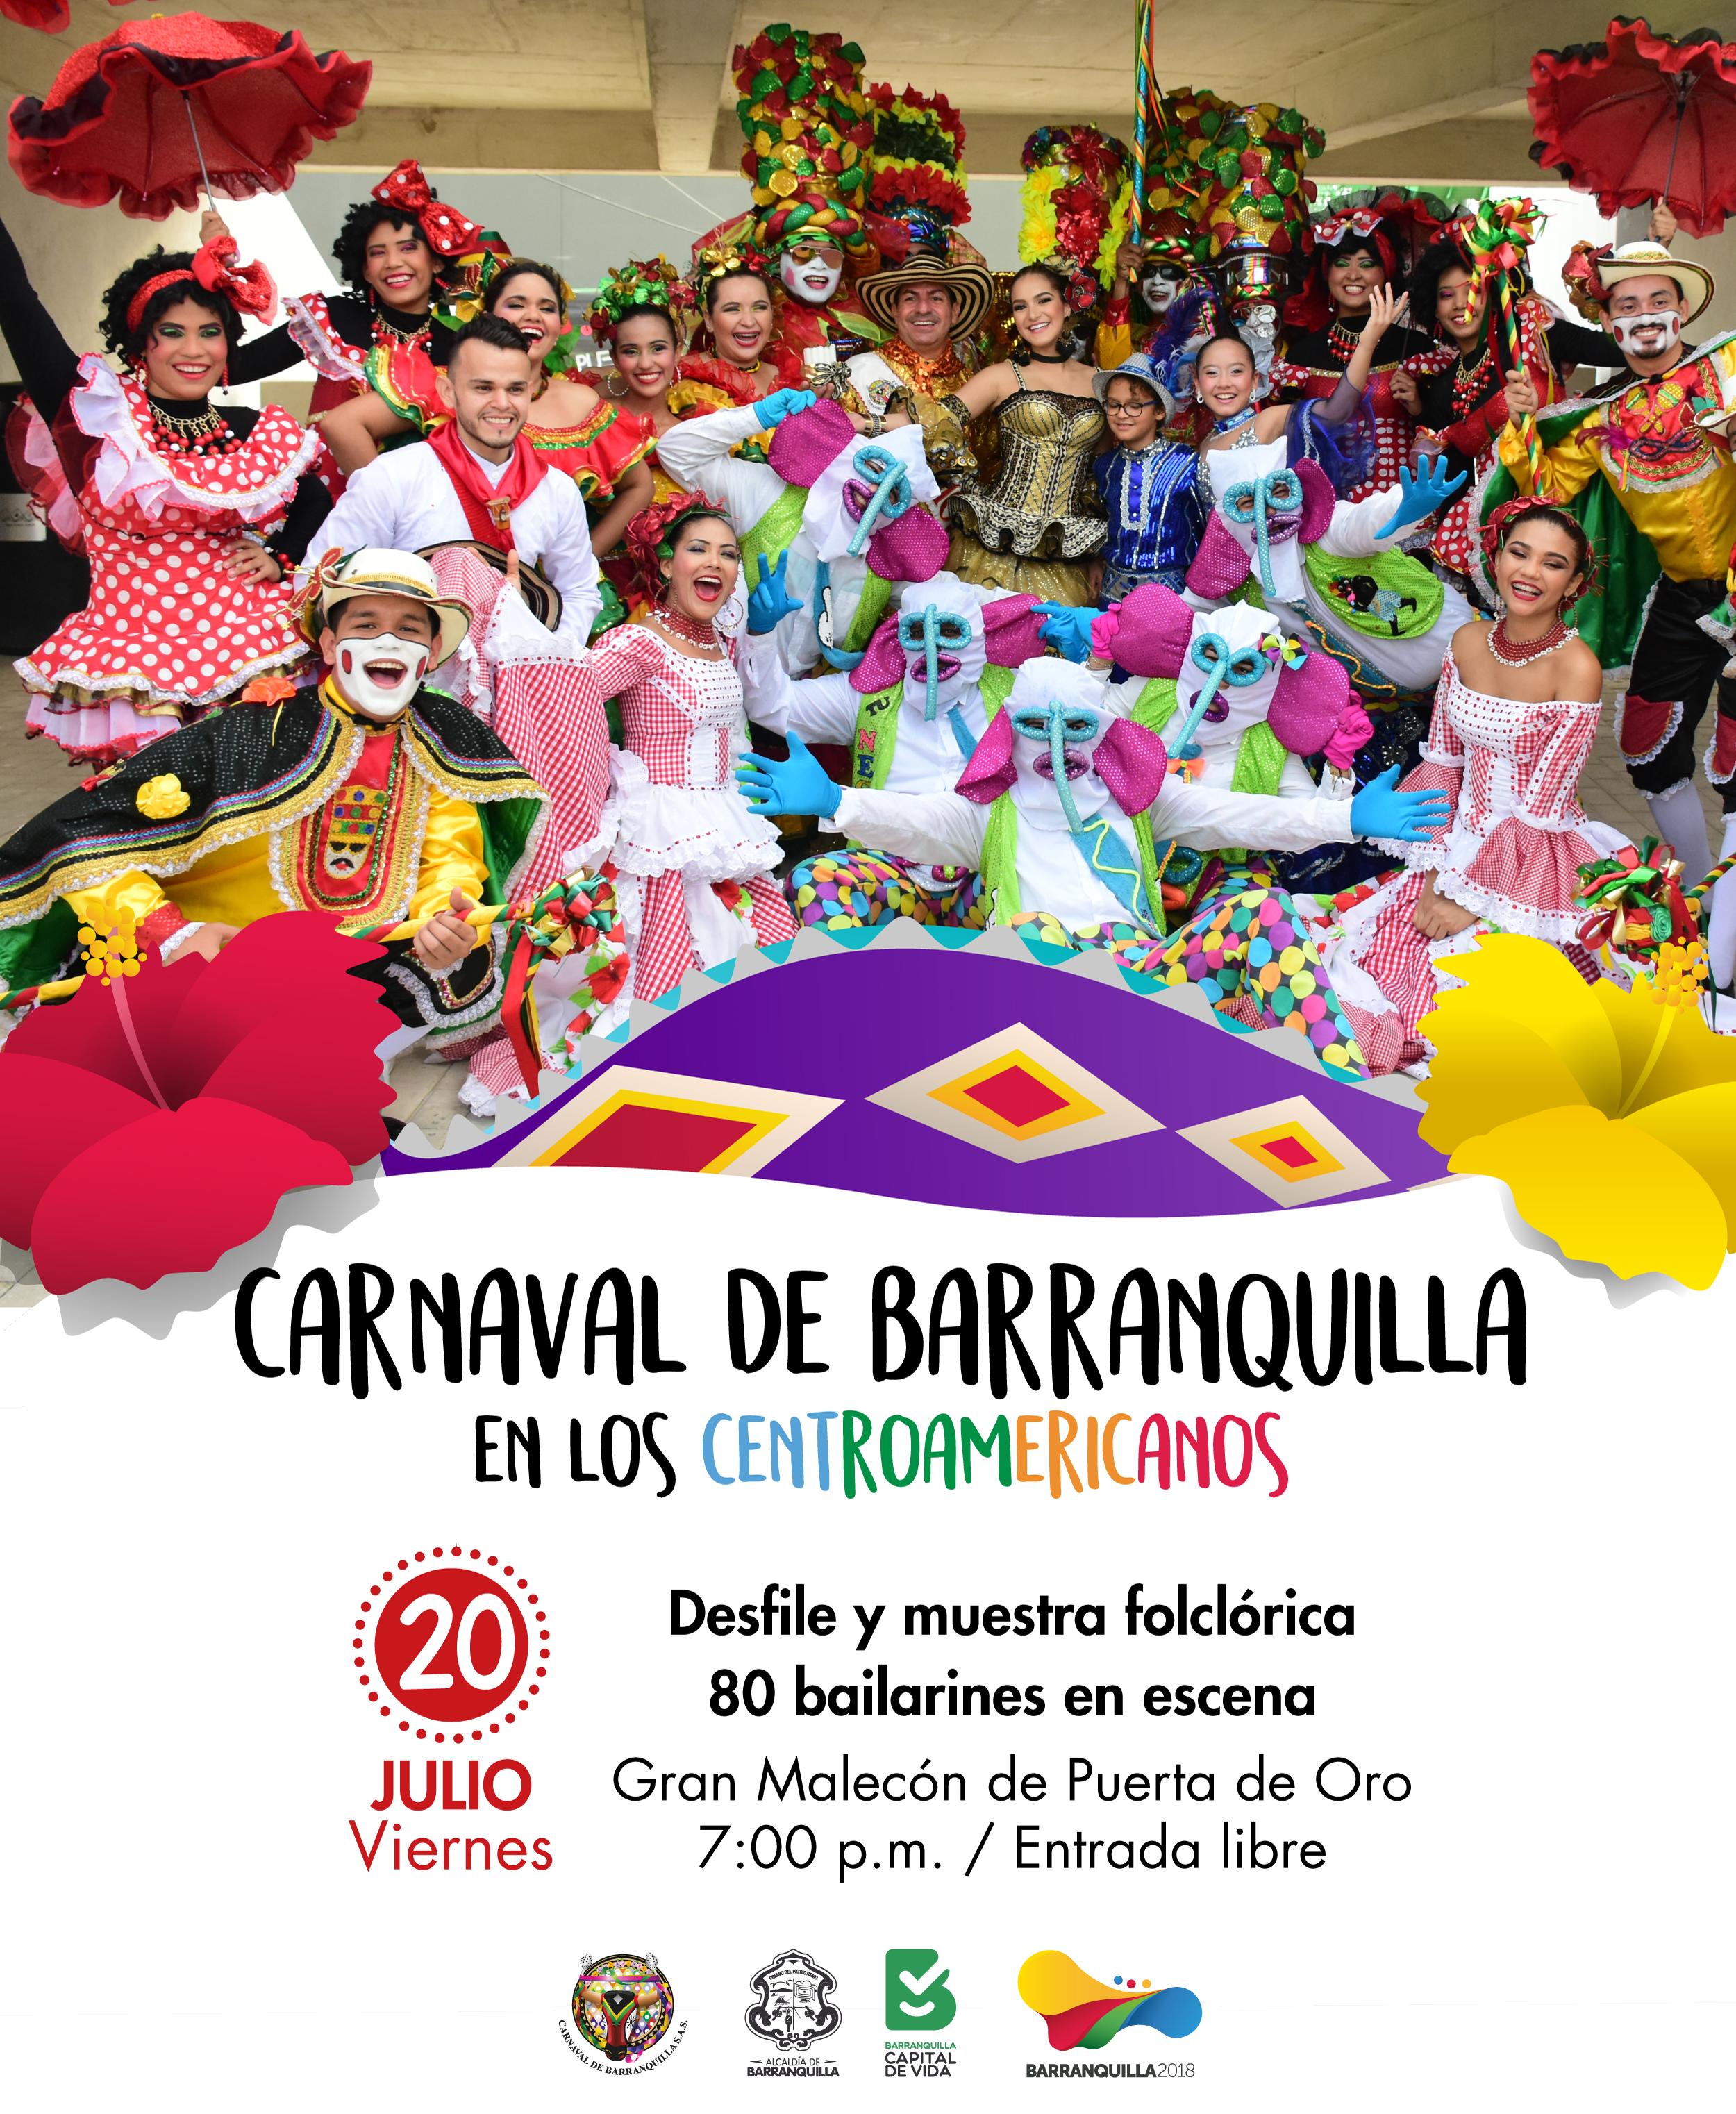 Este 20 de julio, el Gran Malecón Puerta de Oro se viste de Carnaval